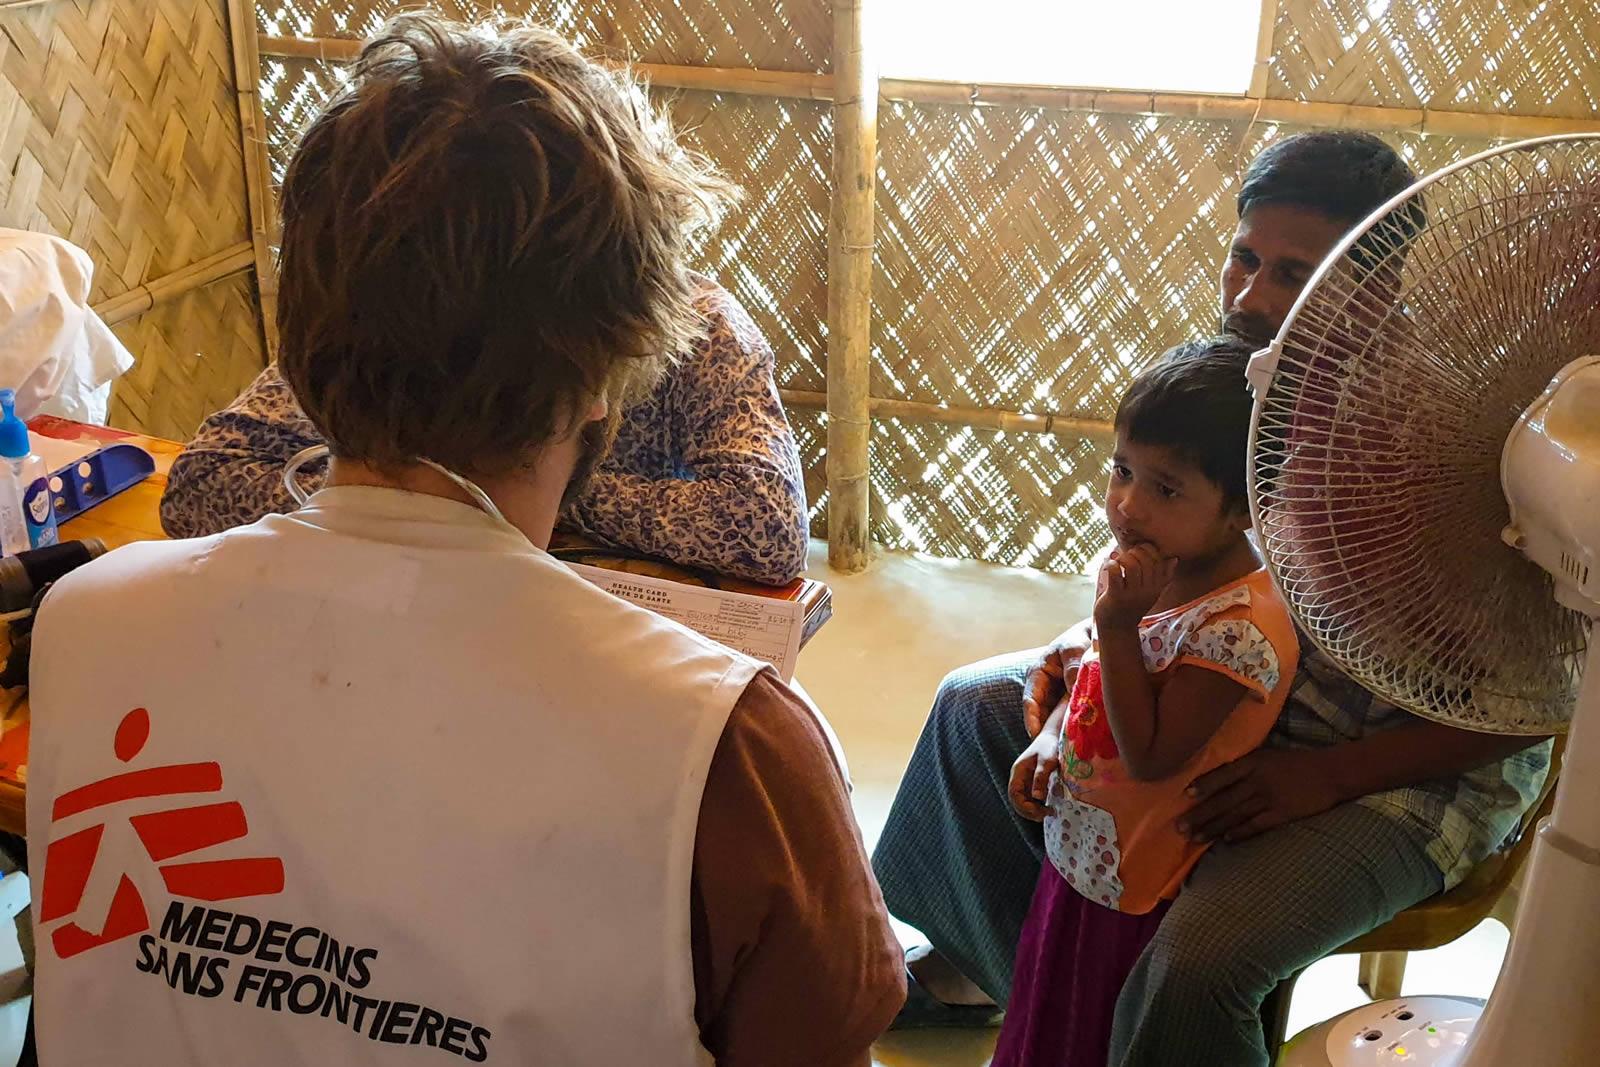 不良的衛生條件,會大大影響難民營內的生活品質。©MSF